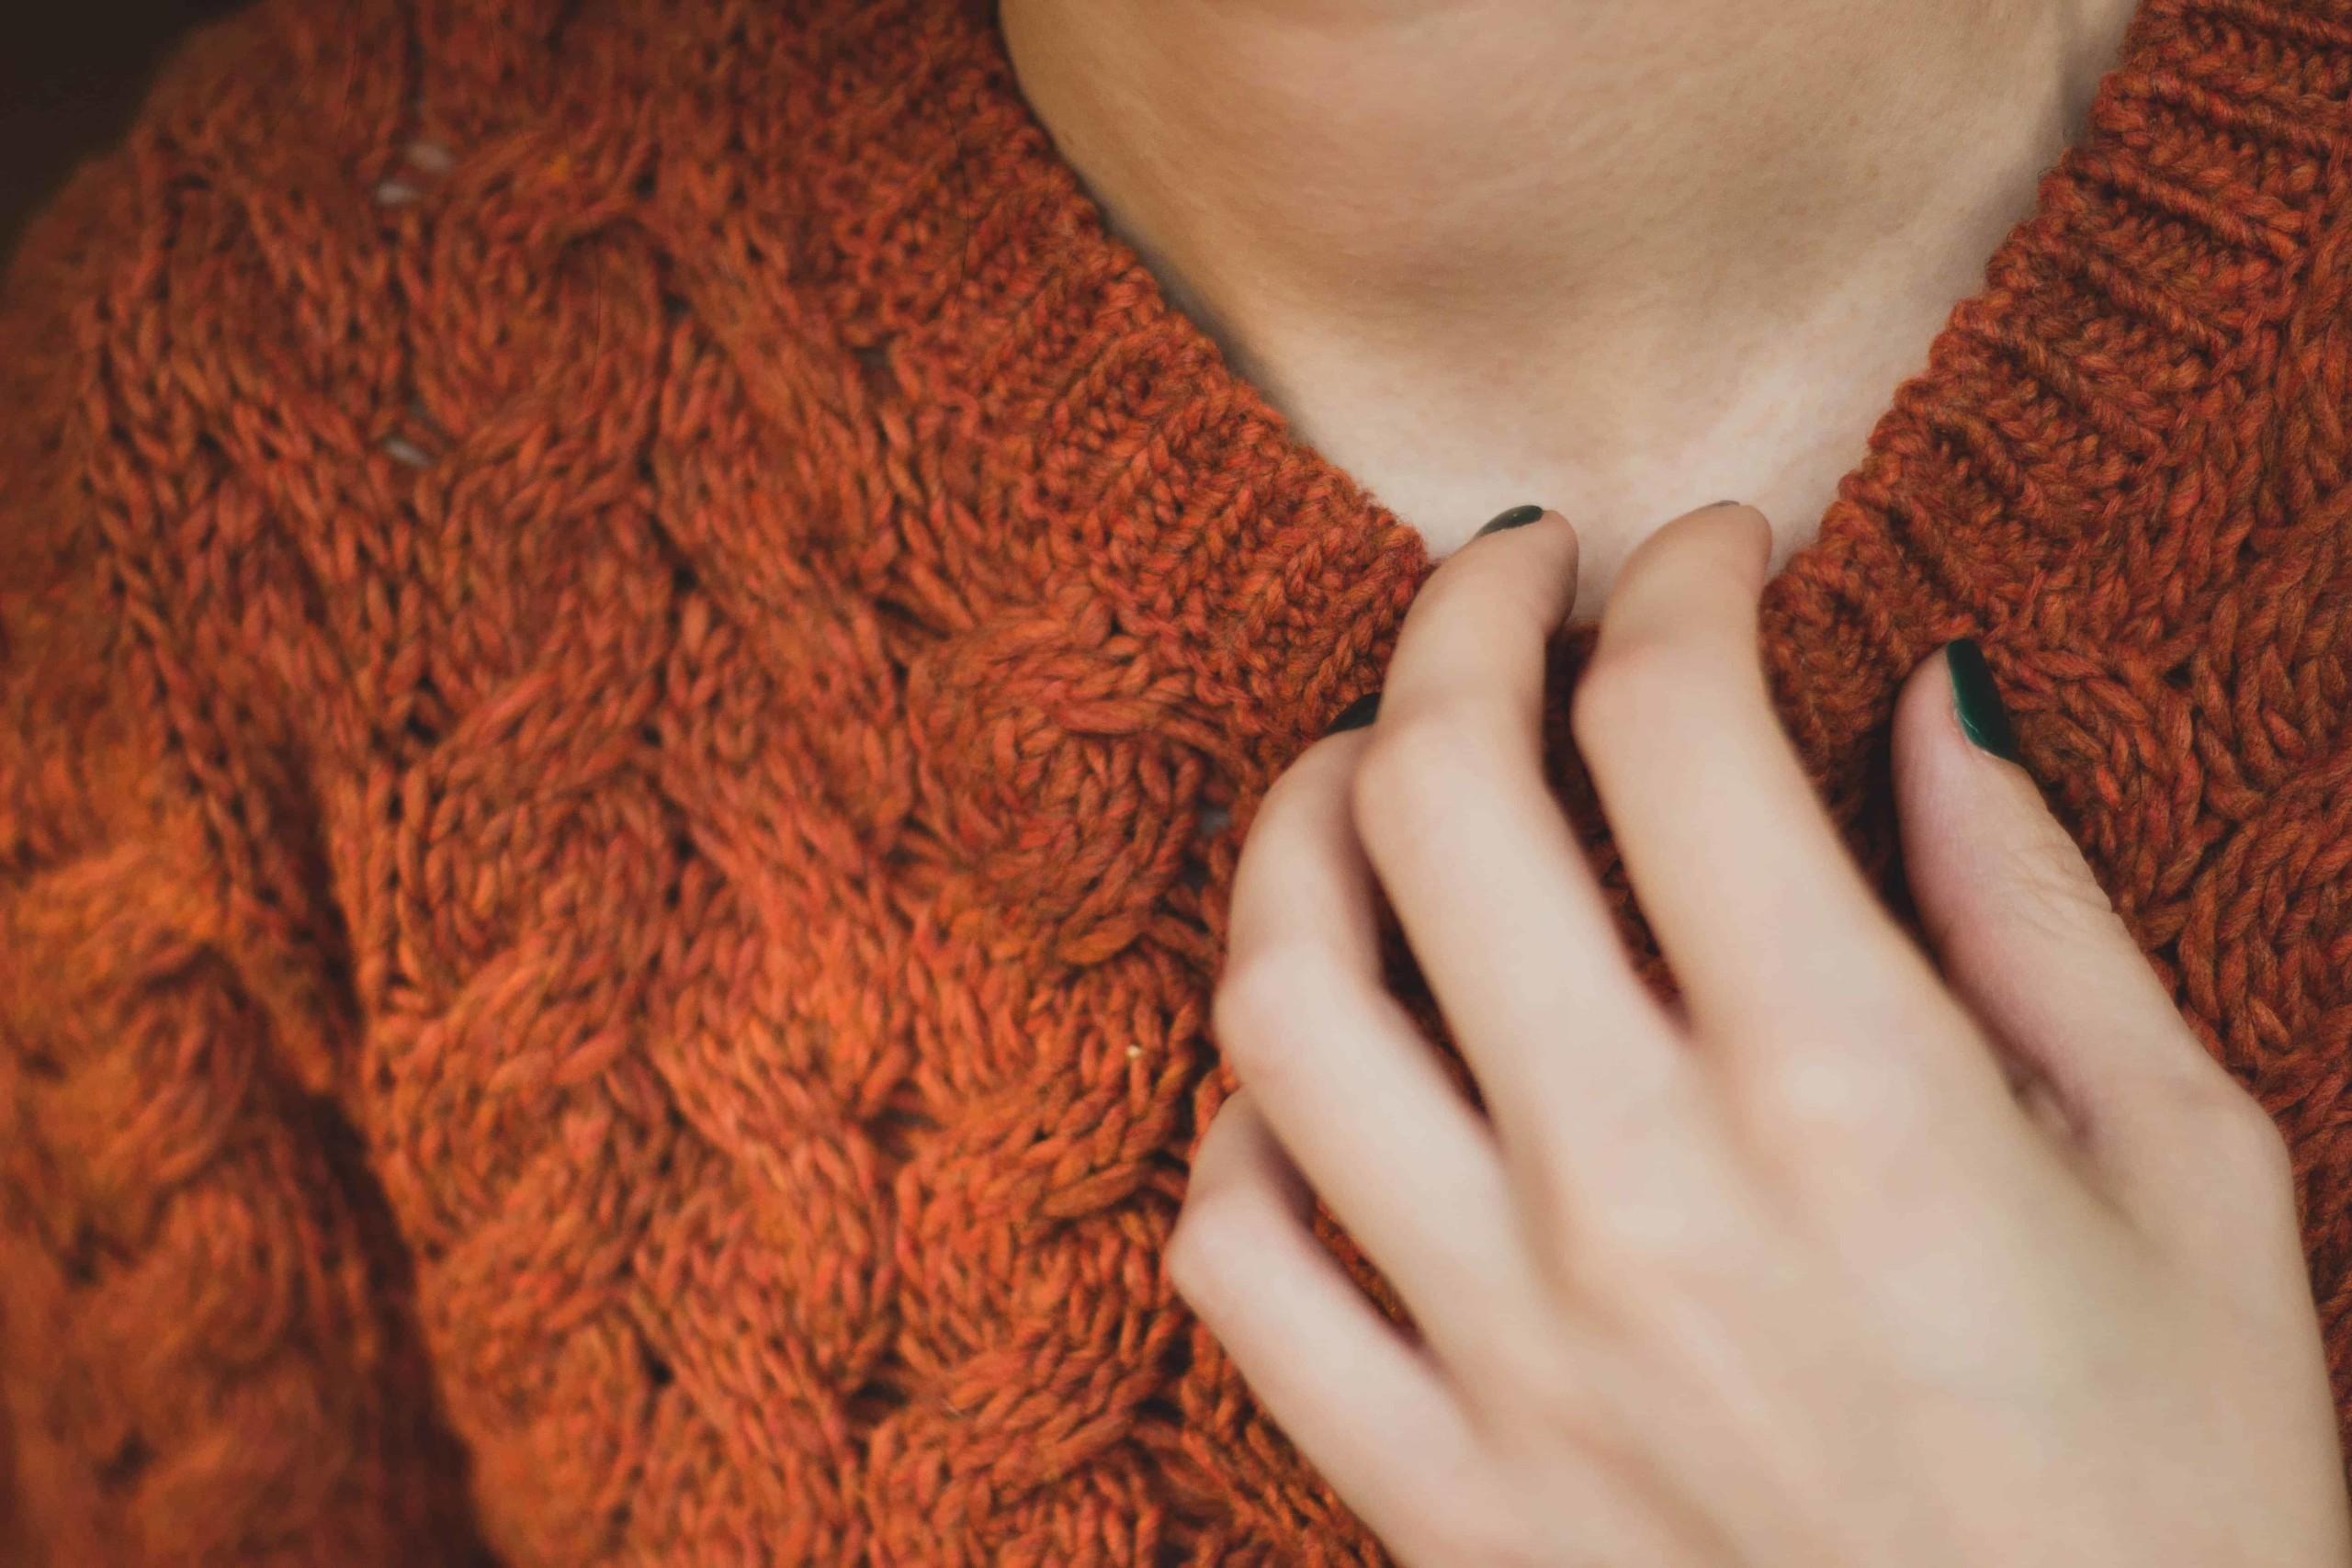 Helposti palelevaa vataa tasapainottavat lämminsävyiset värit.